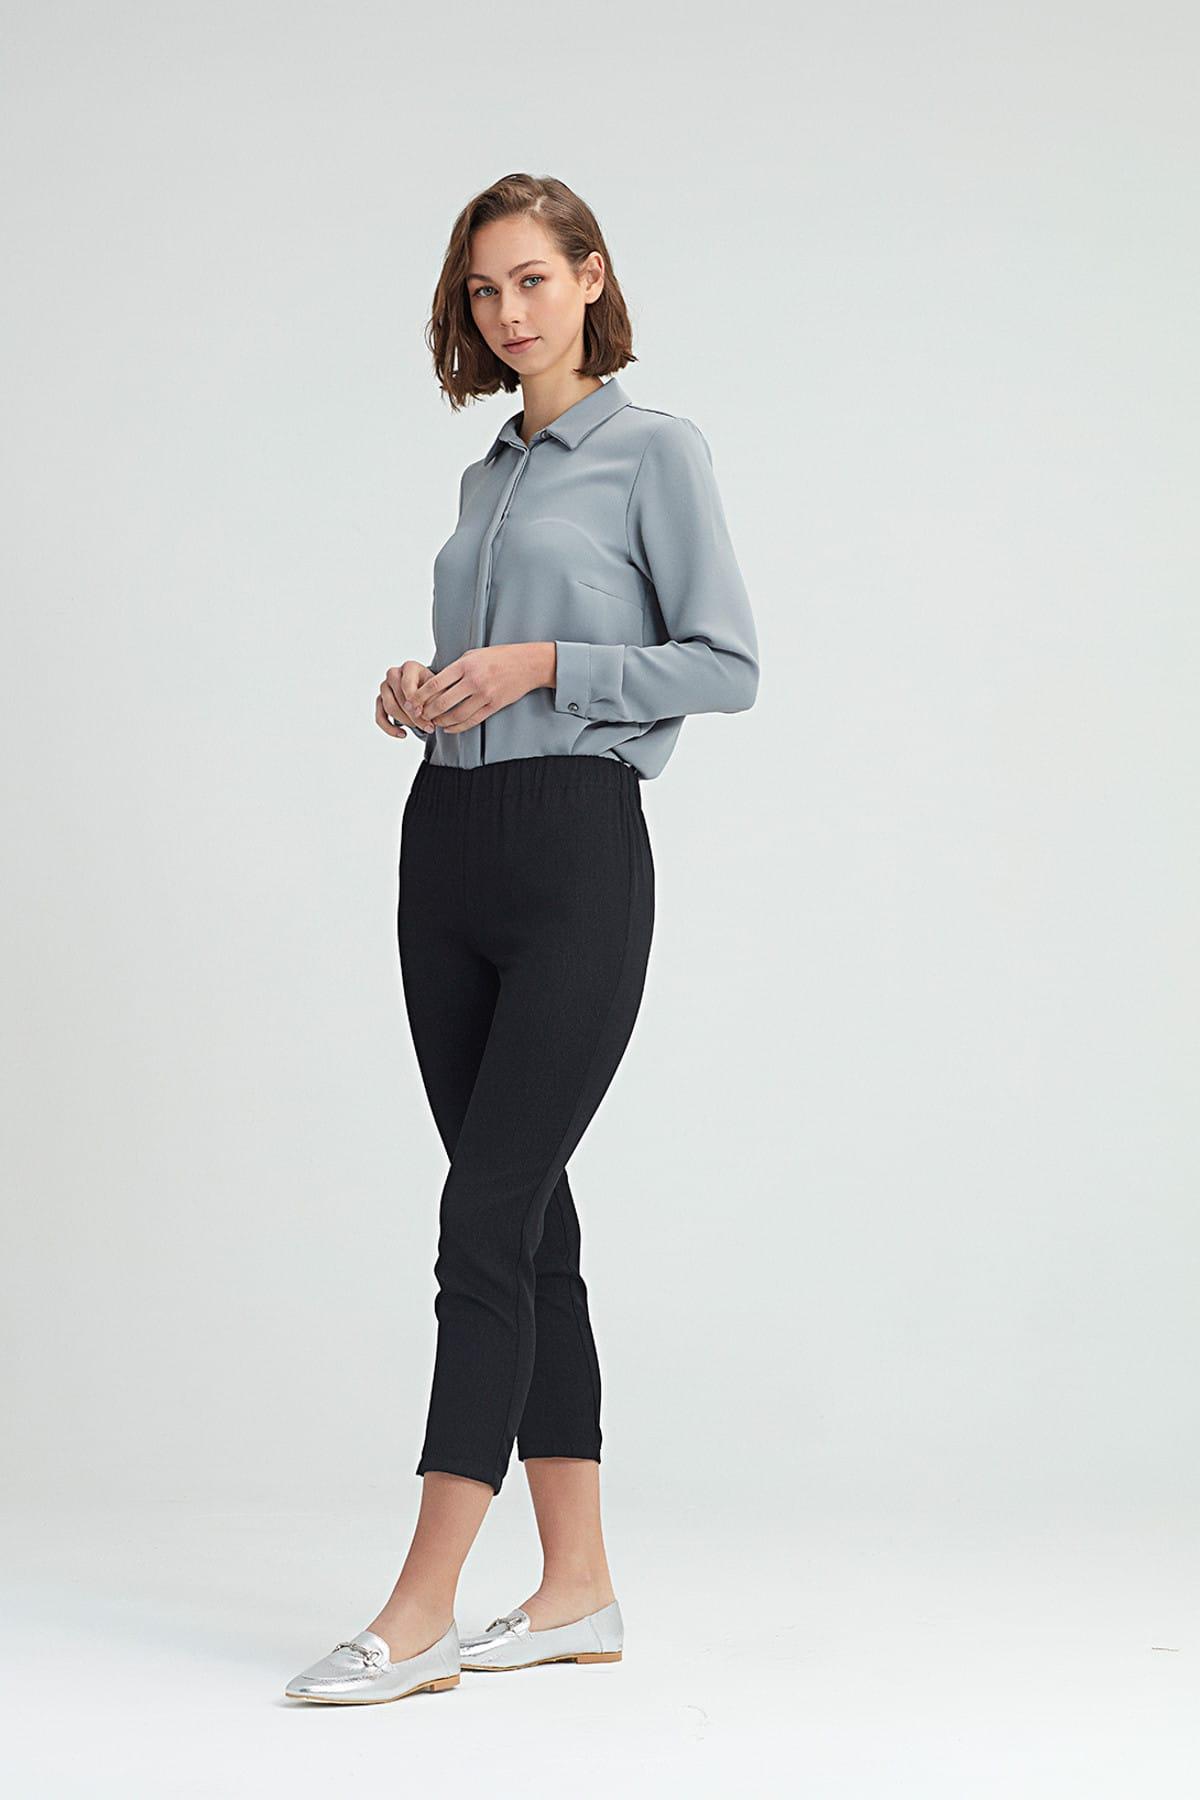 Mizalle Kadın Siyah Dar Kesim Pantolon 18KGMZL2011010 1